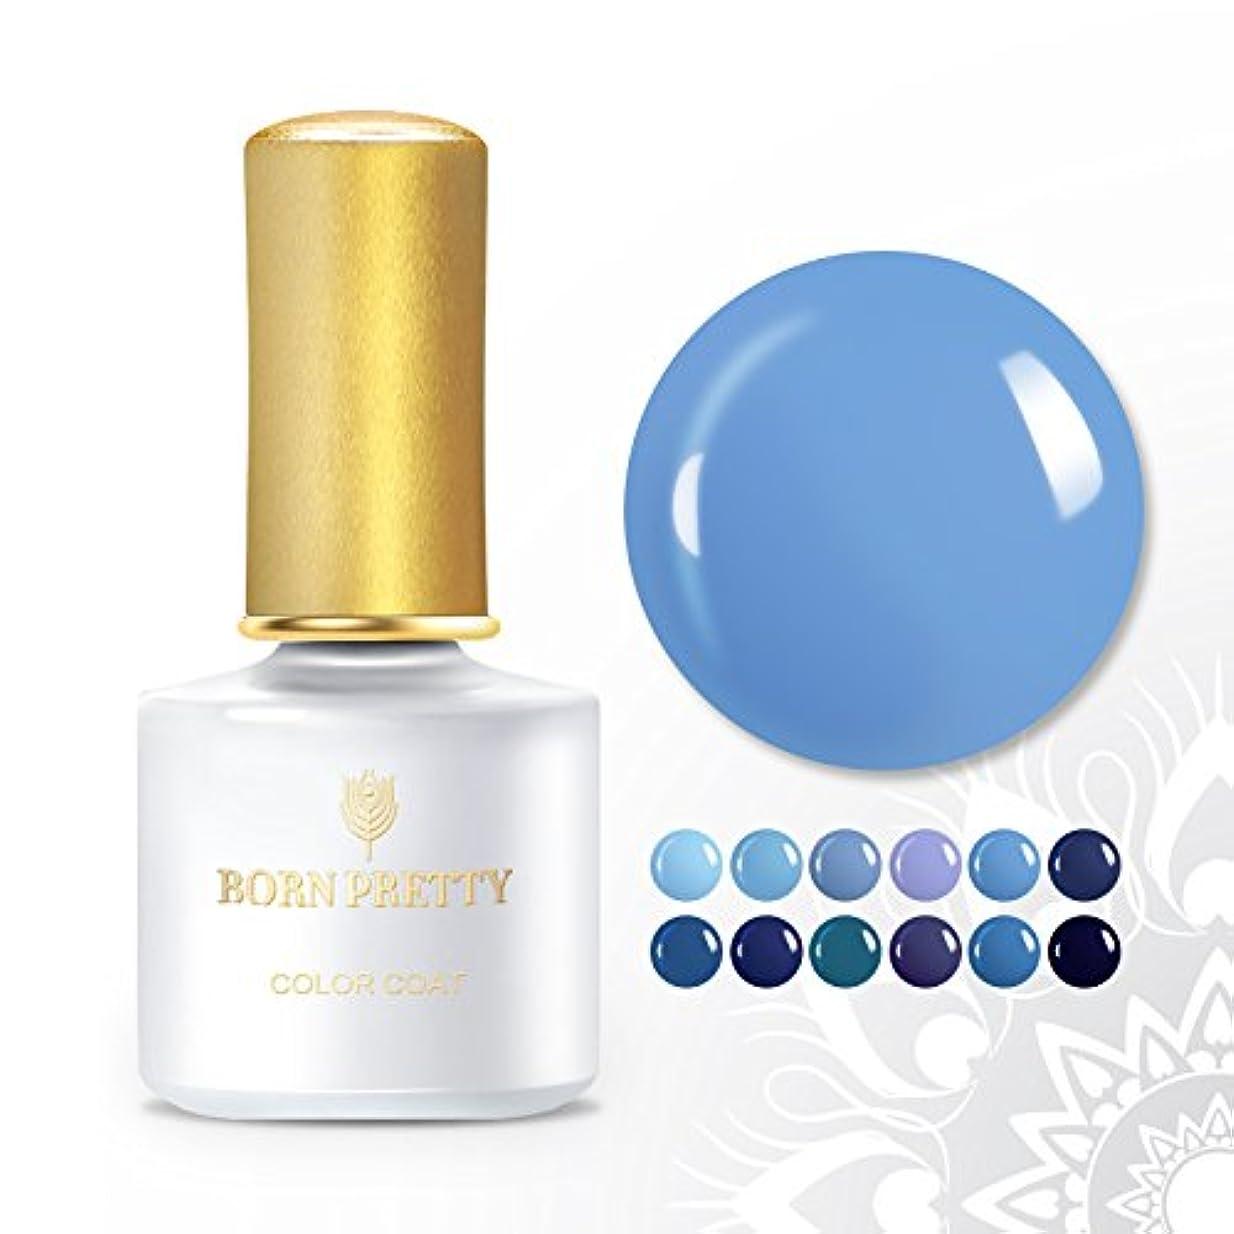 想像力豊かなよりすべきBORN PRETTY カラージェル ジェルネイル ブルーシリーズ 12色セット LEV/UV対応 ソークオフ ネイル用品ネイルアートセルフネイル [並行輸入品]